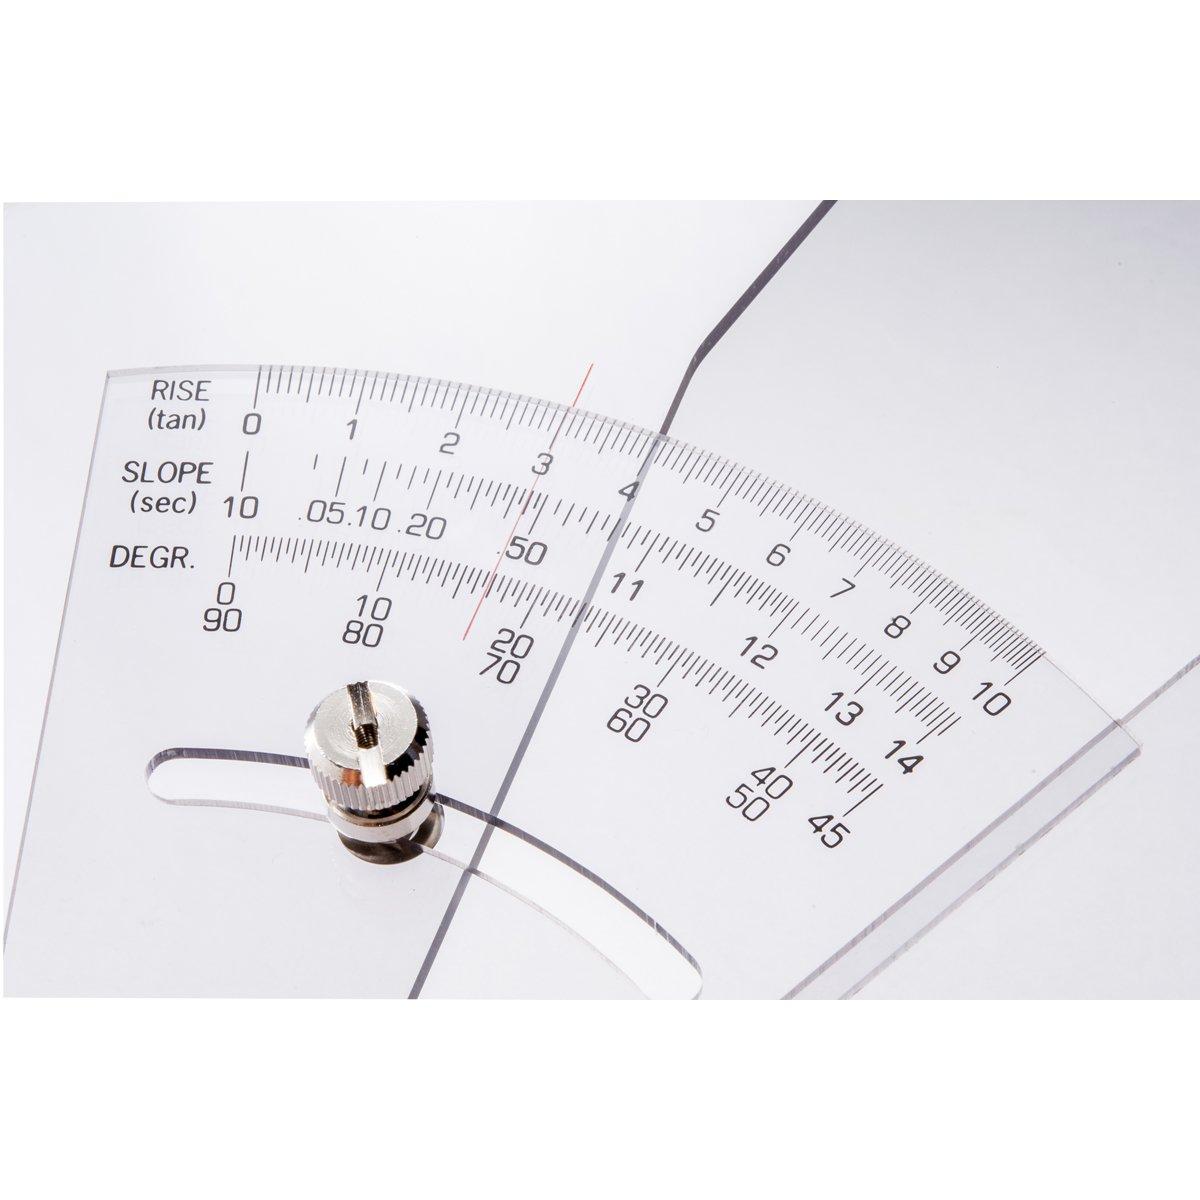 japan import Staedtler Gradient Triangle Ruler 20cm 964 51-8